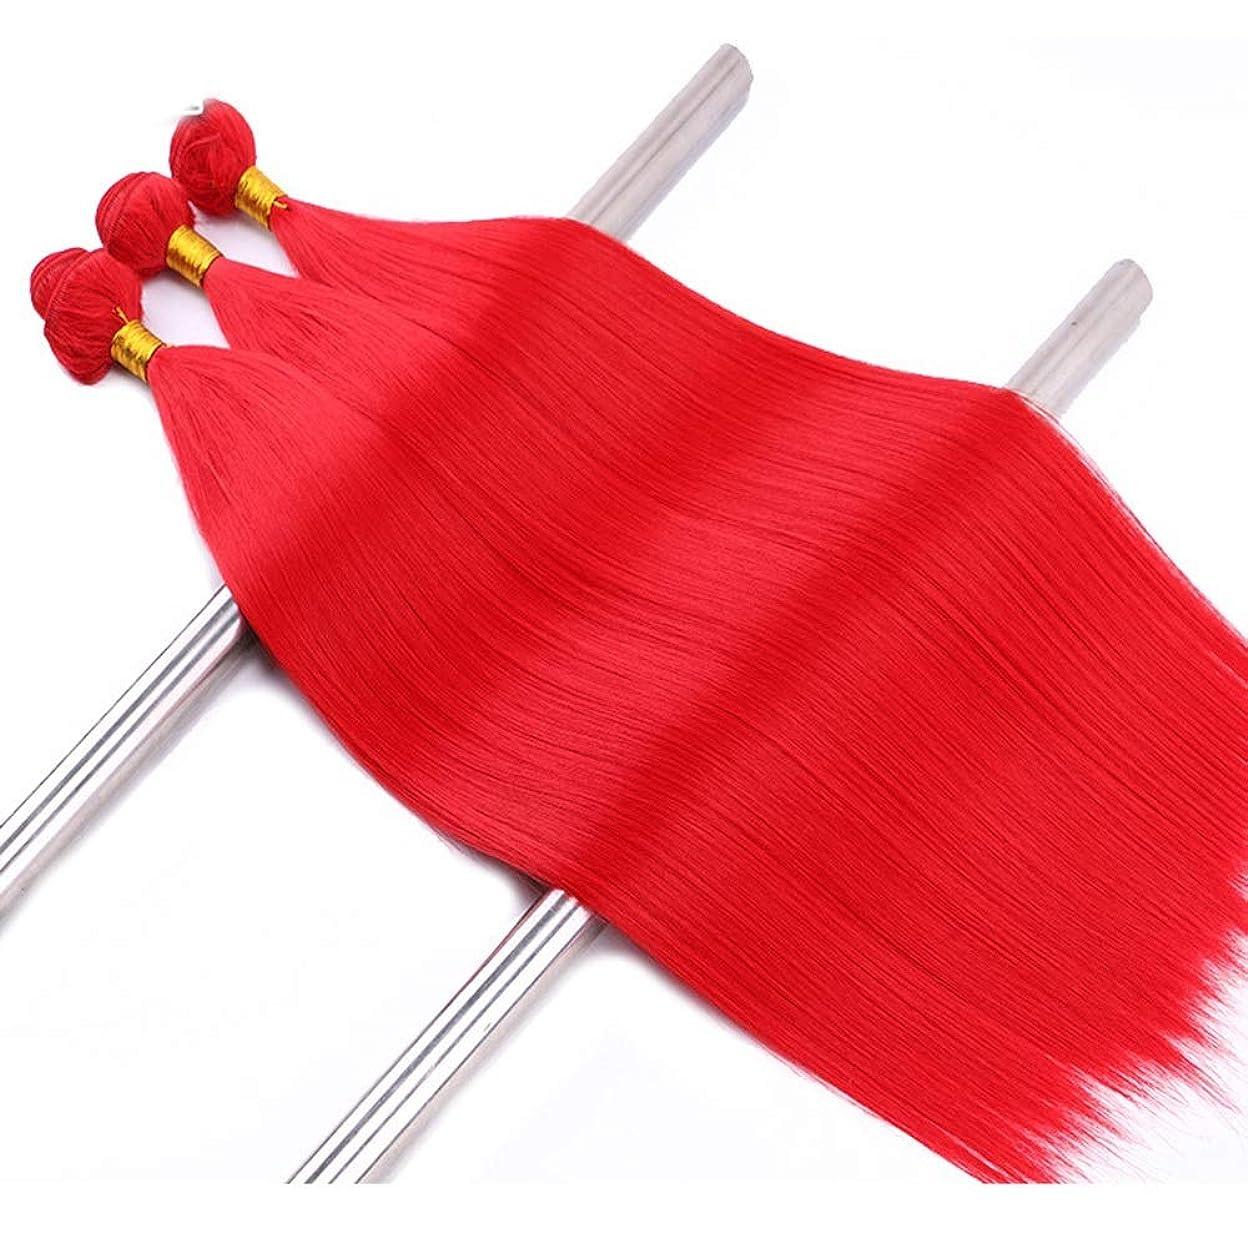 奇跡期限切れ直接HOHYLLYA レディース赤ストレートヘアカーテン耐熱繊維人工毛ウィッグウィッグ(3束)パーティーウィッグ (色 : Blonde, サイズ : 22inch)